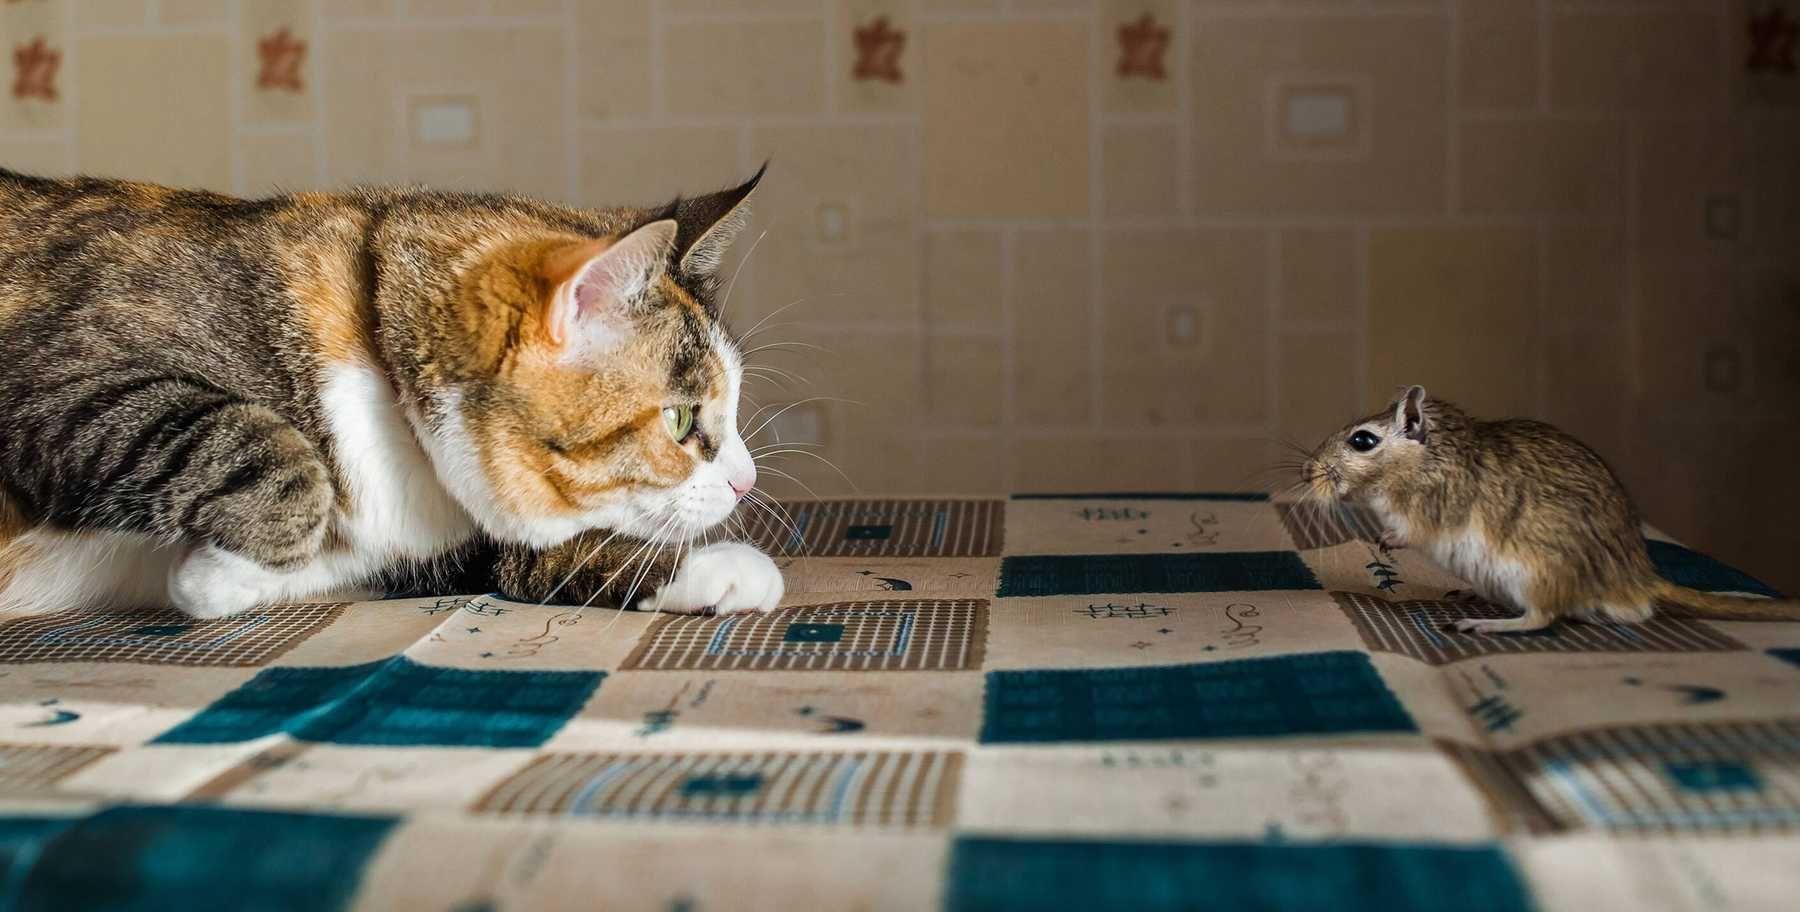 Cách đuổi chuột đơn giản - Nuôi mèo bắt chuột